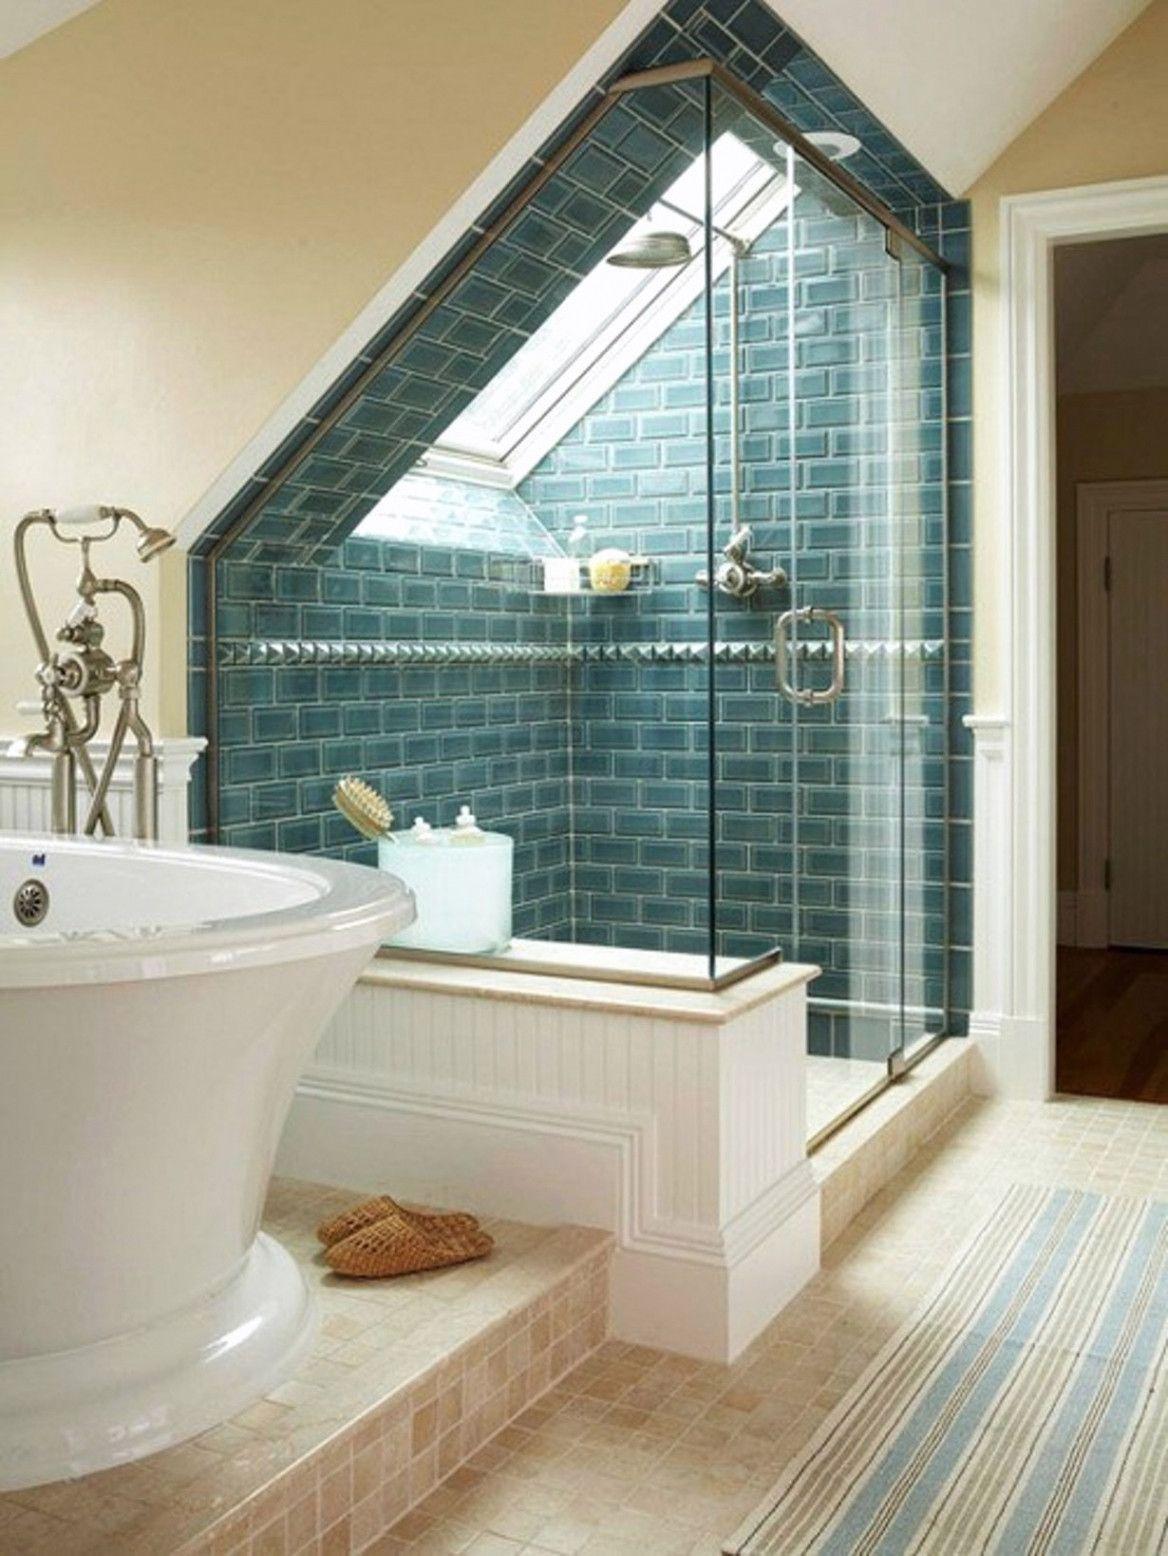 Badezimmer Mit Dachschrage Planen Badezimmer Dachschrage Mit Planen In 2020 Badgestaltung Badezimmer Dachschrage Dachboden Dusche